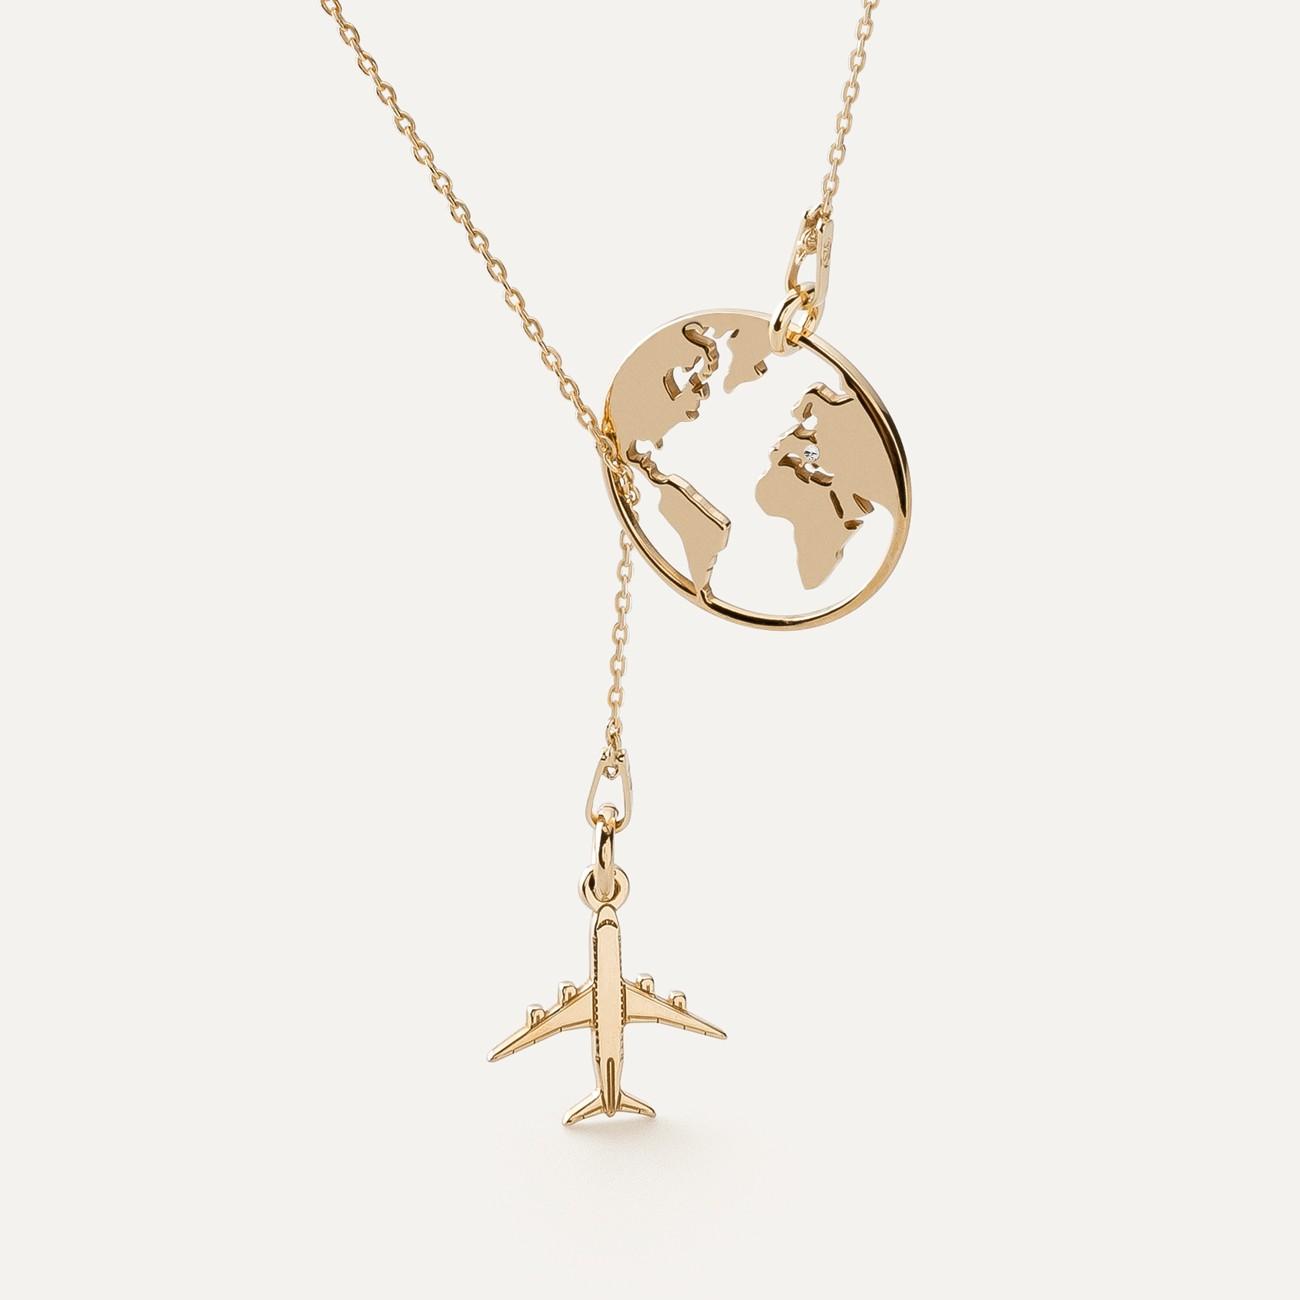 Halskette Weltkarte silber 925